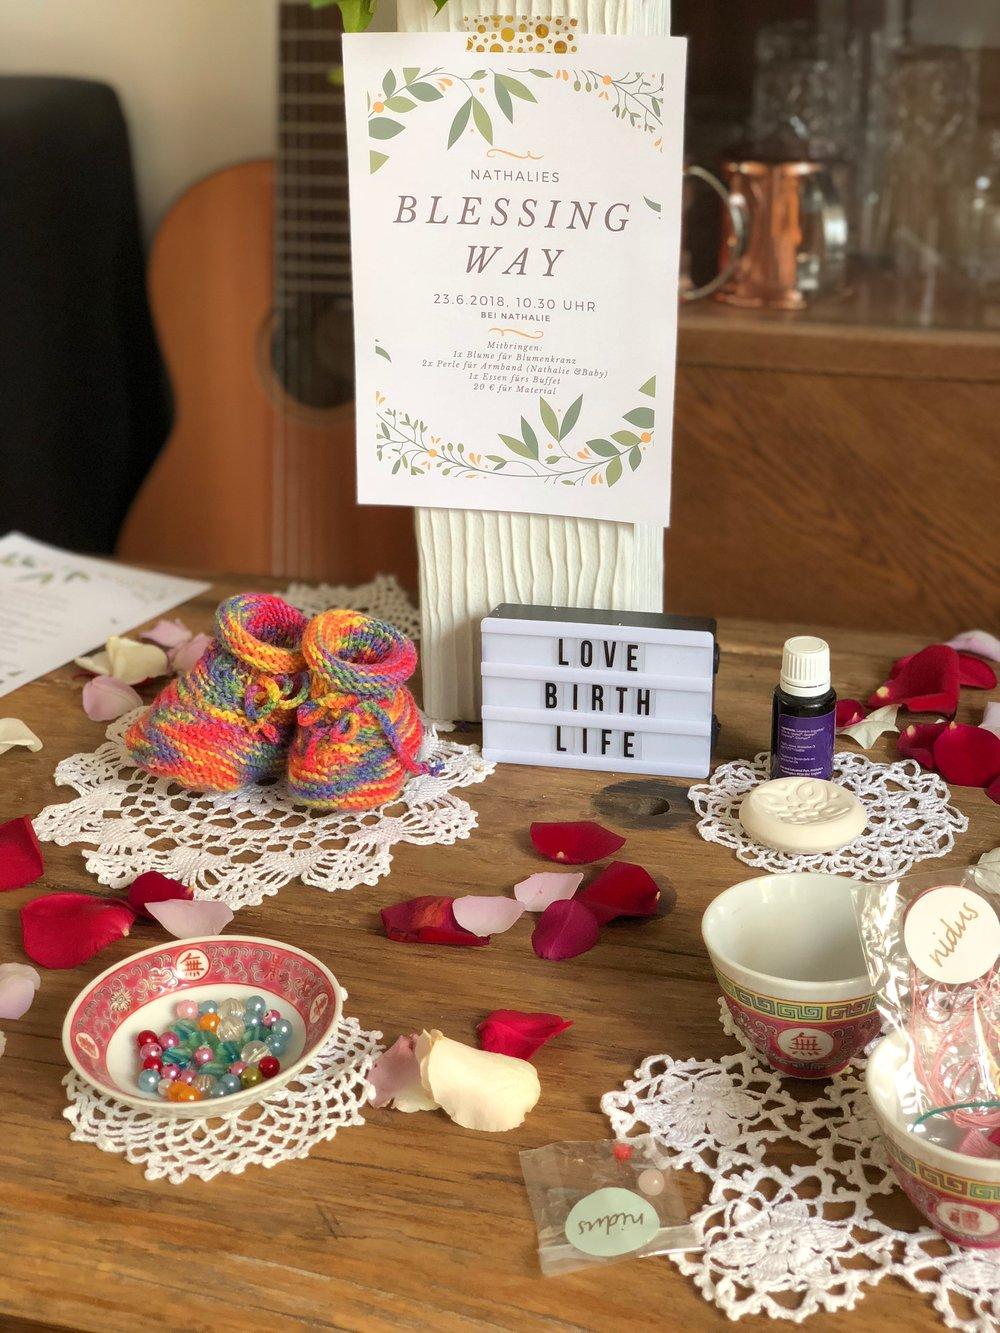 Altar mit Geschenken, Mitbringseln und Materialien für das Blessingway